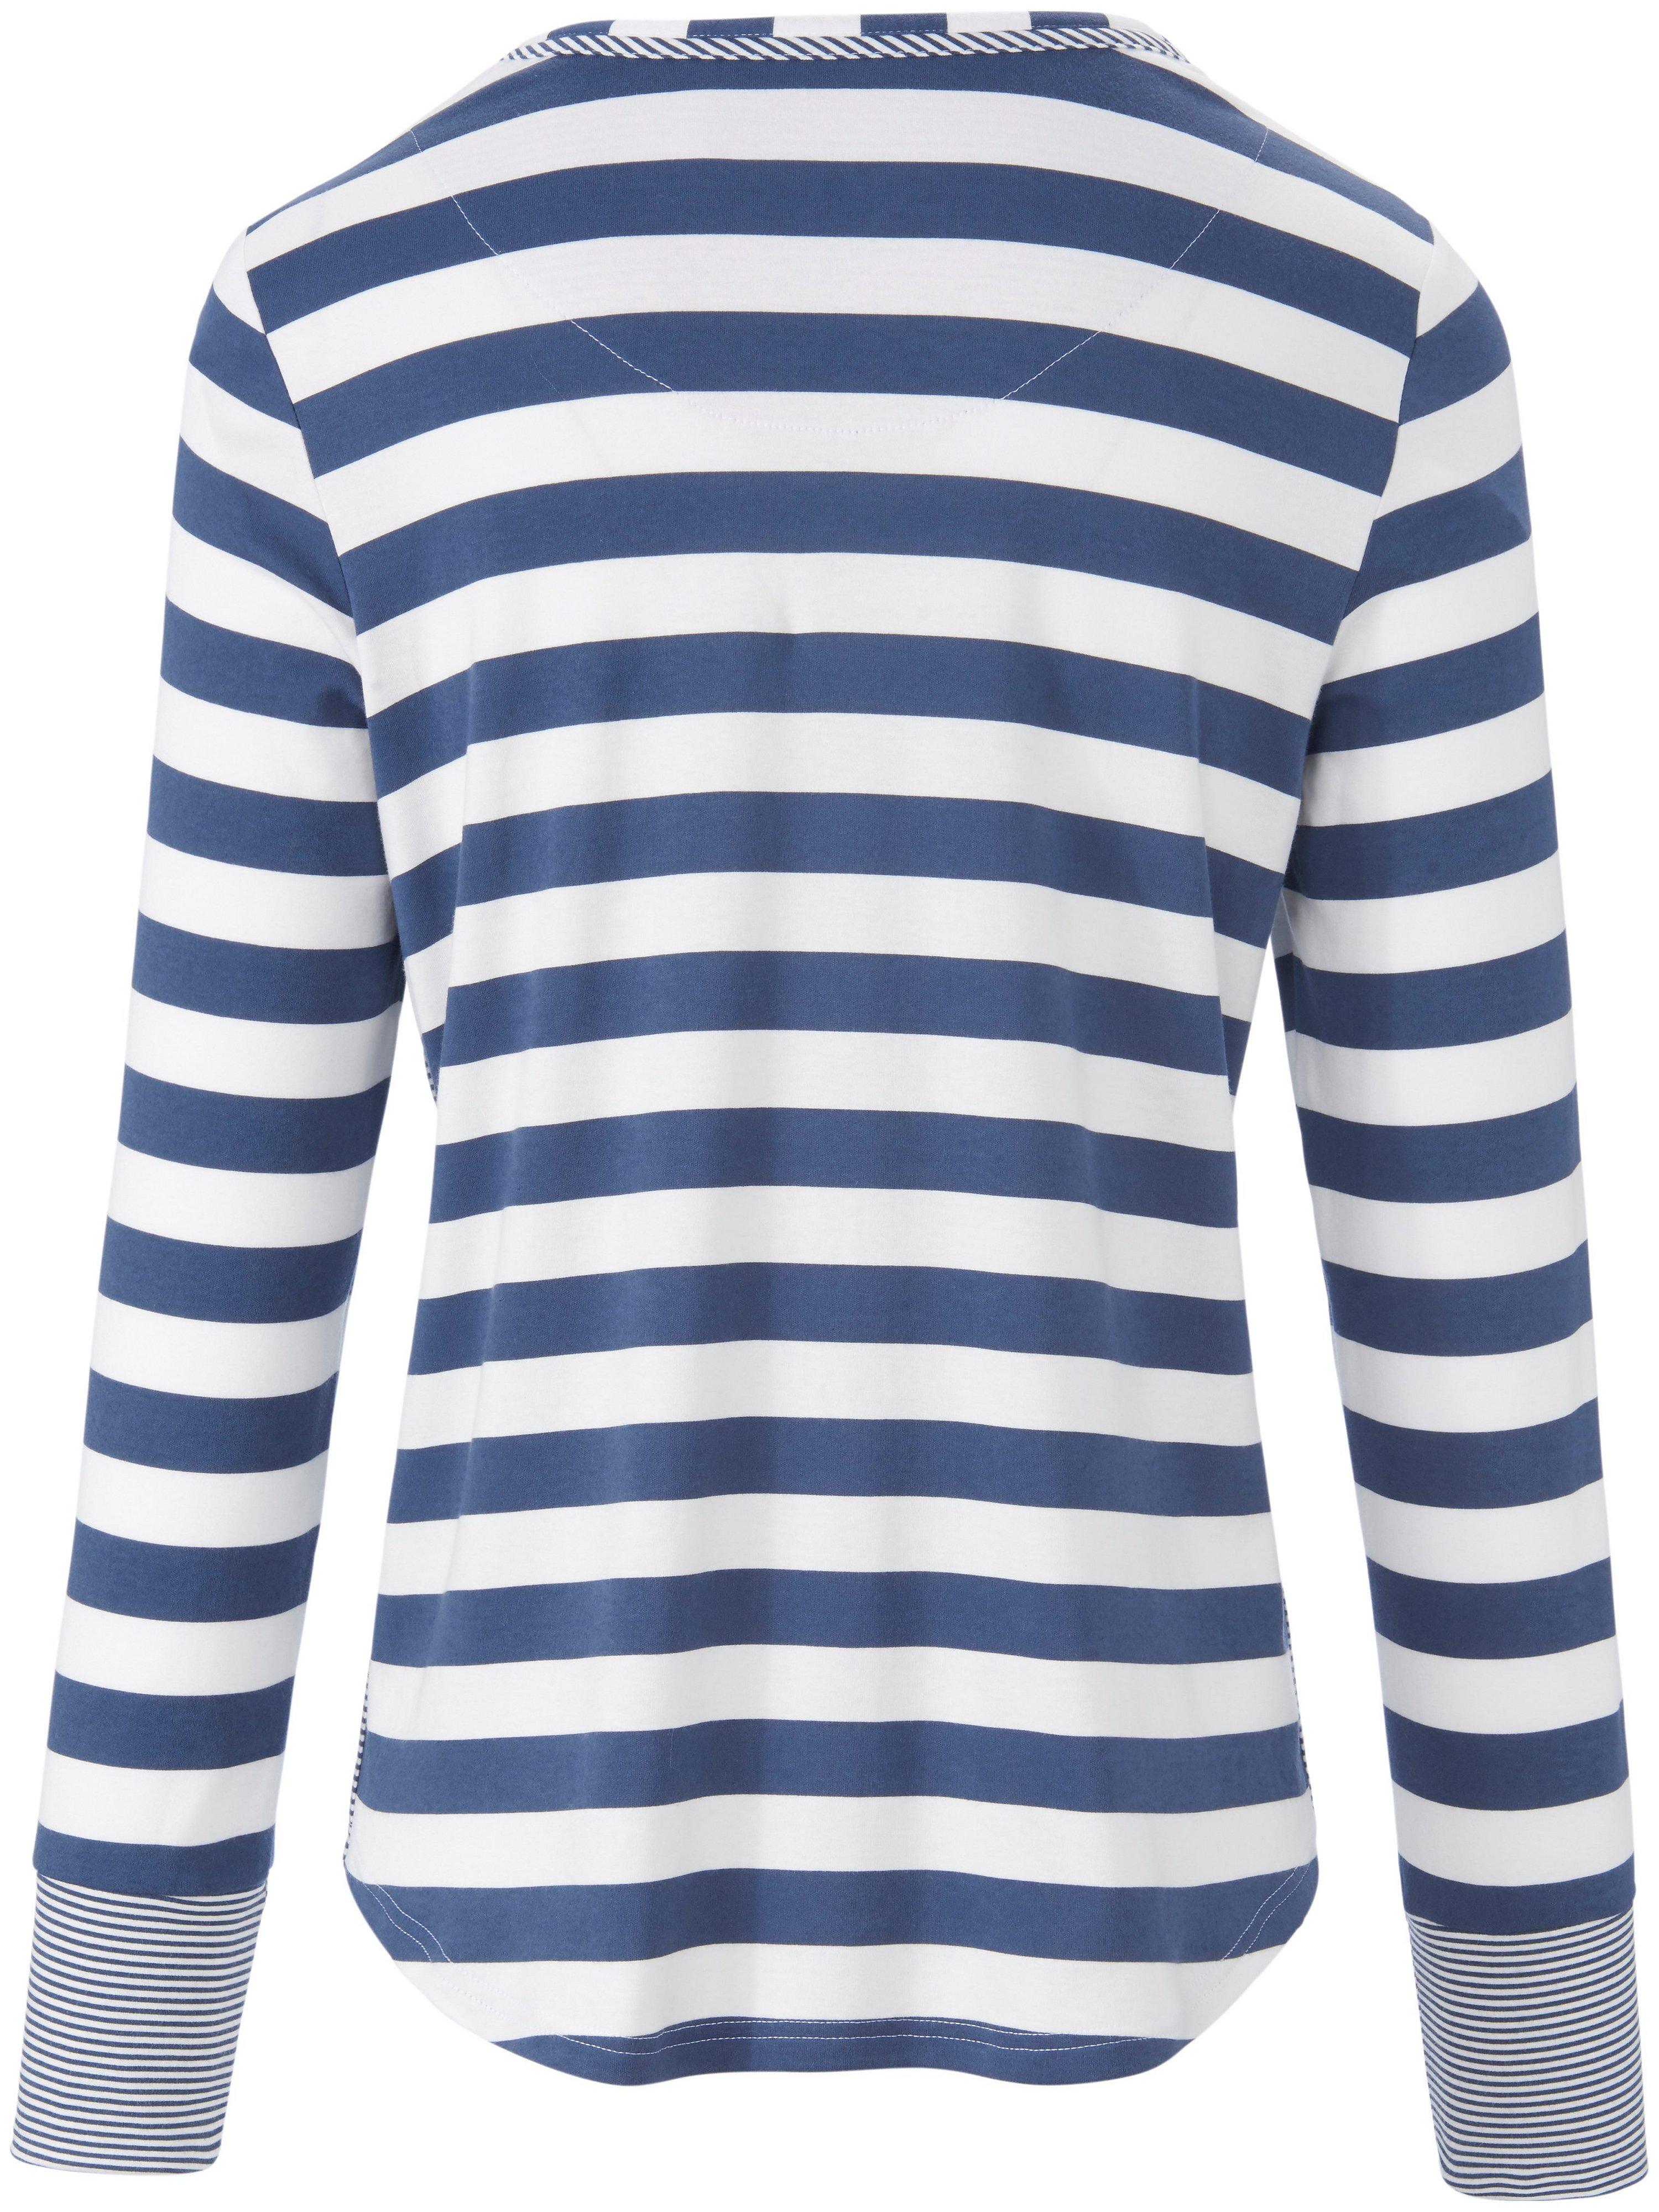 Pyjamas i 100 bomuld Fra Rösch blå